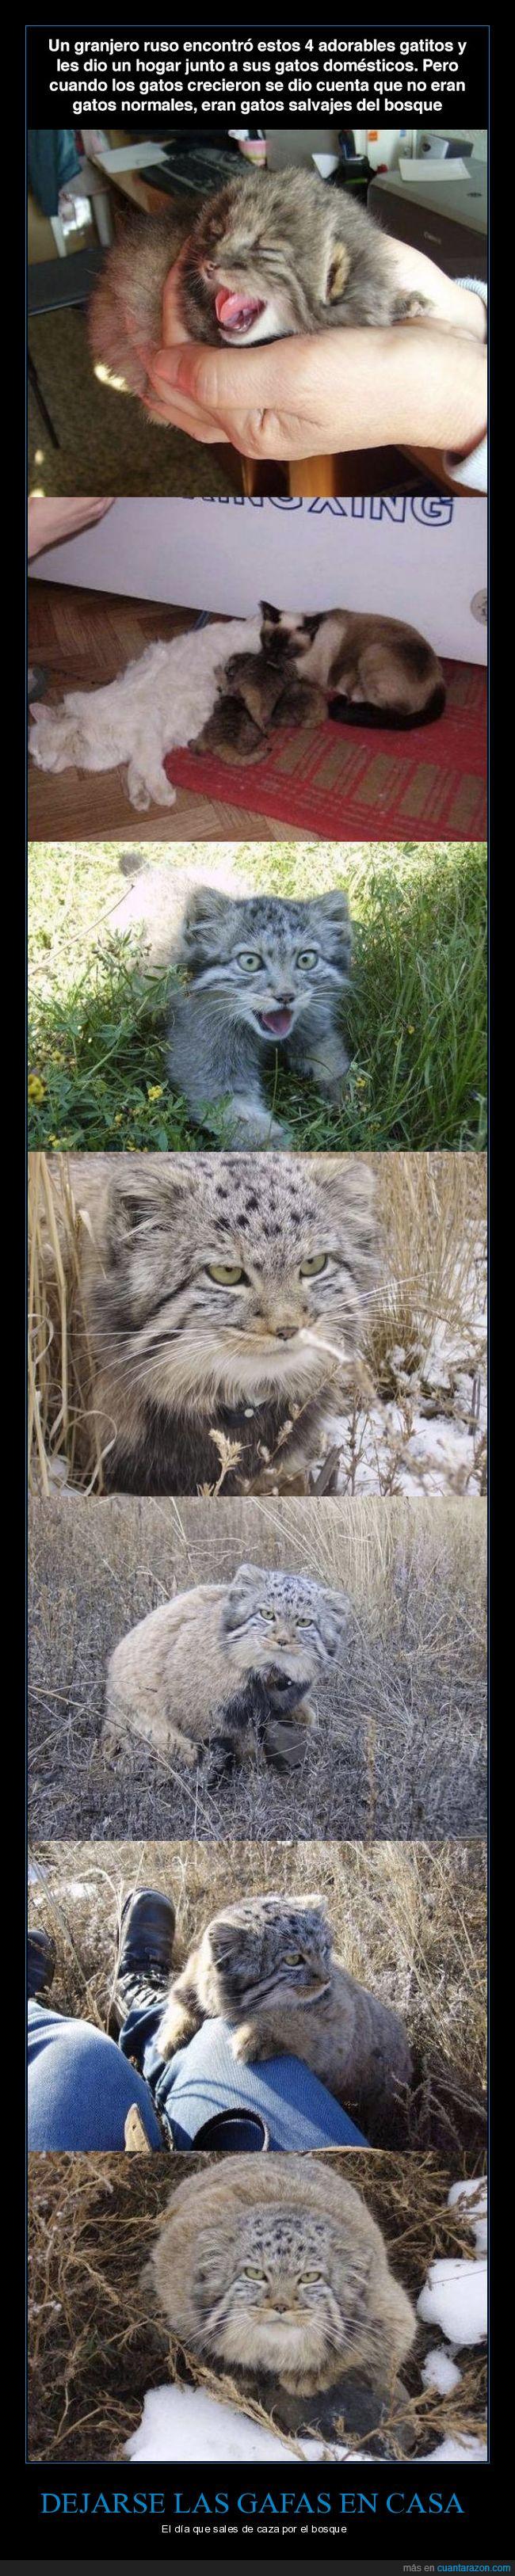 acoger,adoptar,gatos,gatos salvajes,granjero rusos